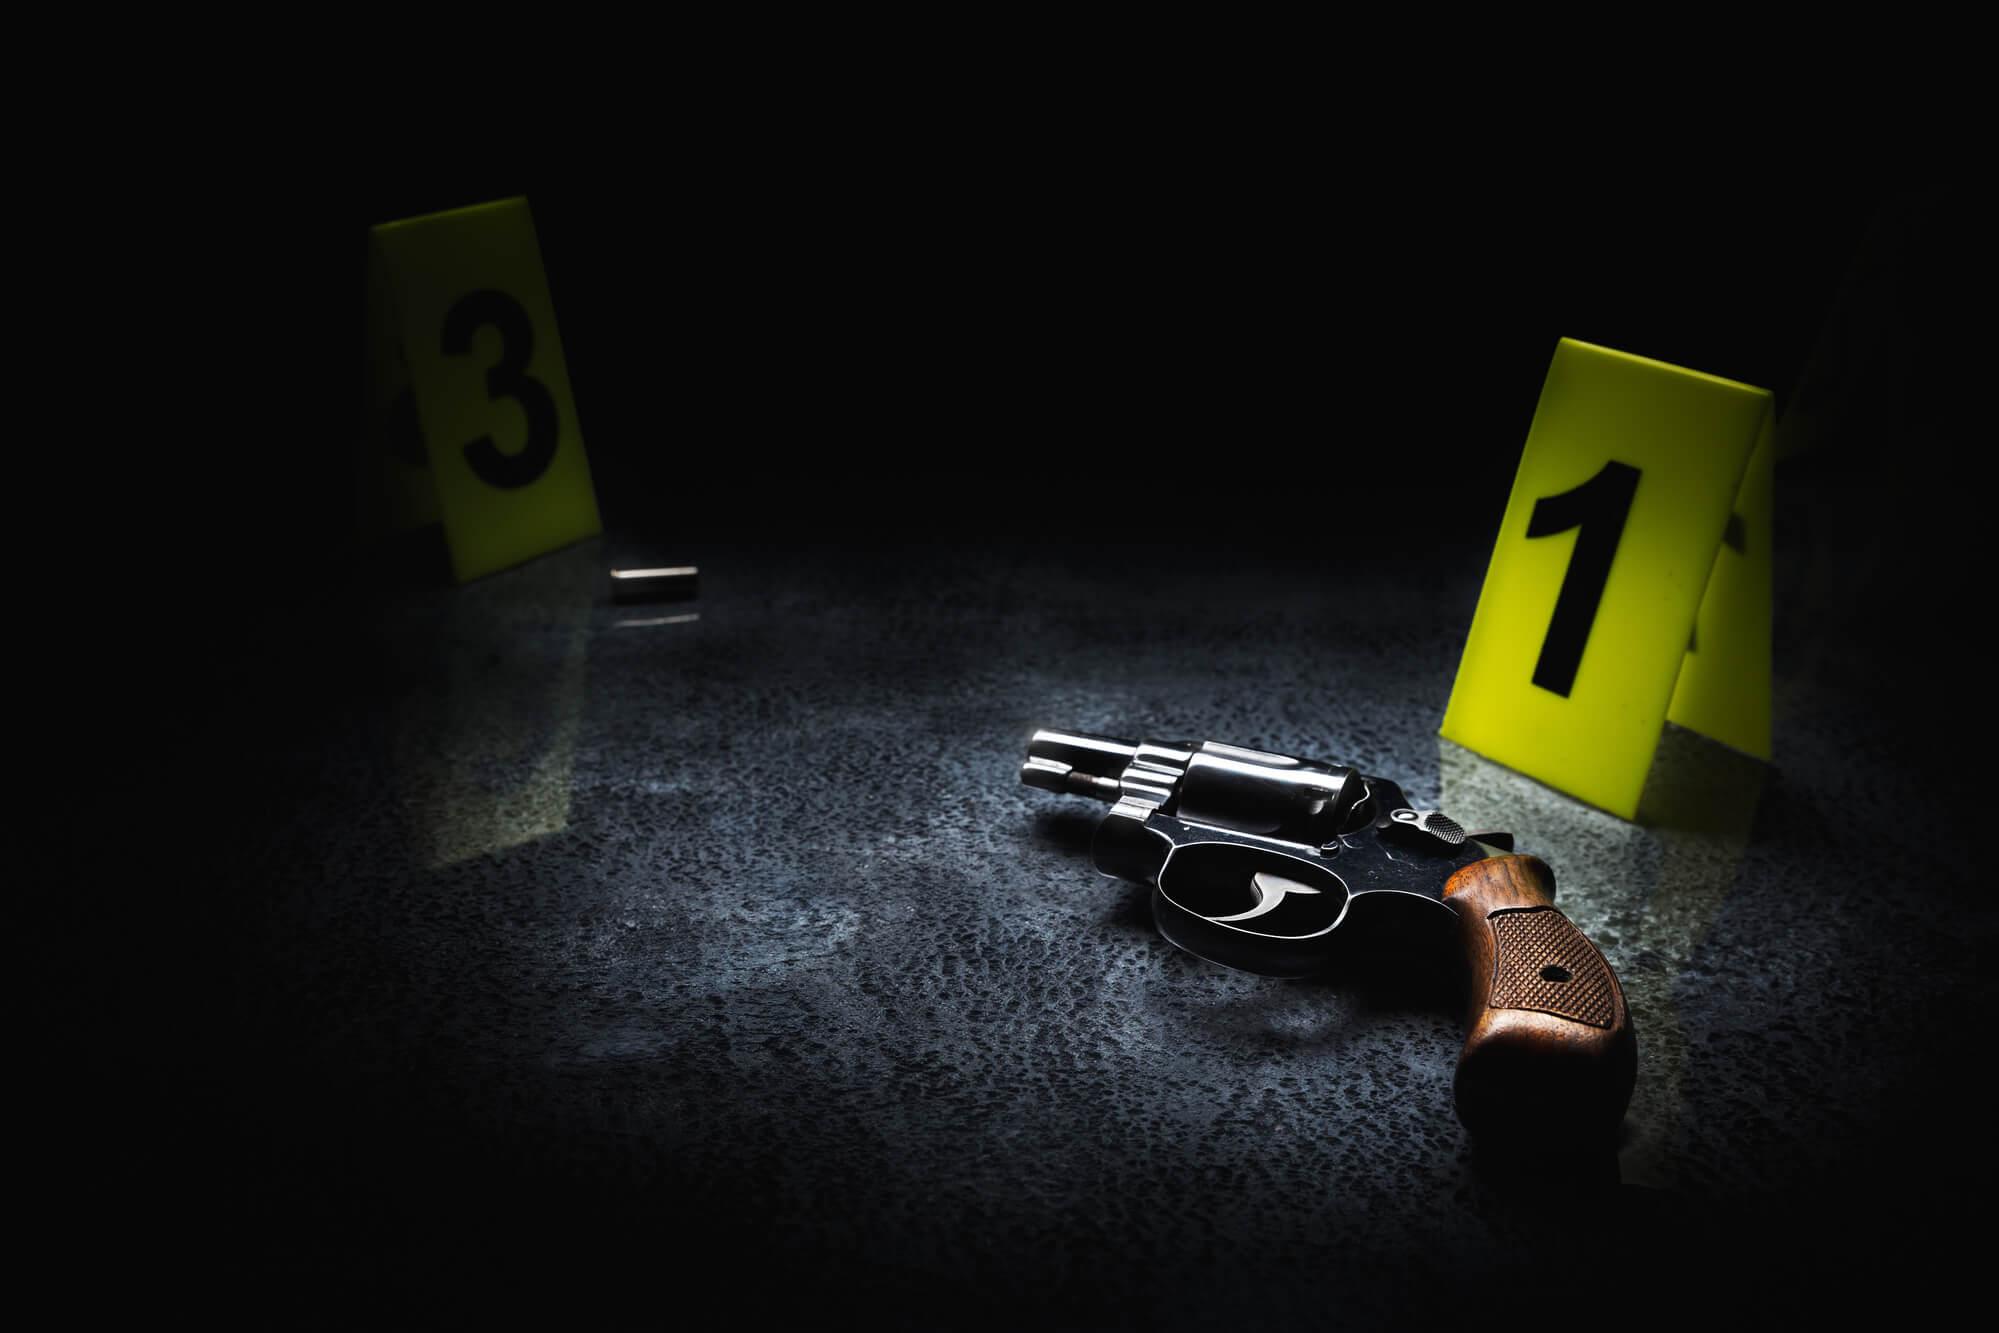 Las Vegas Violent Crimes and Homicide